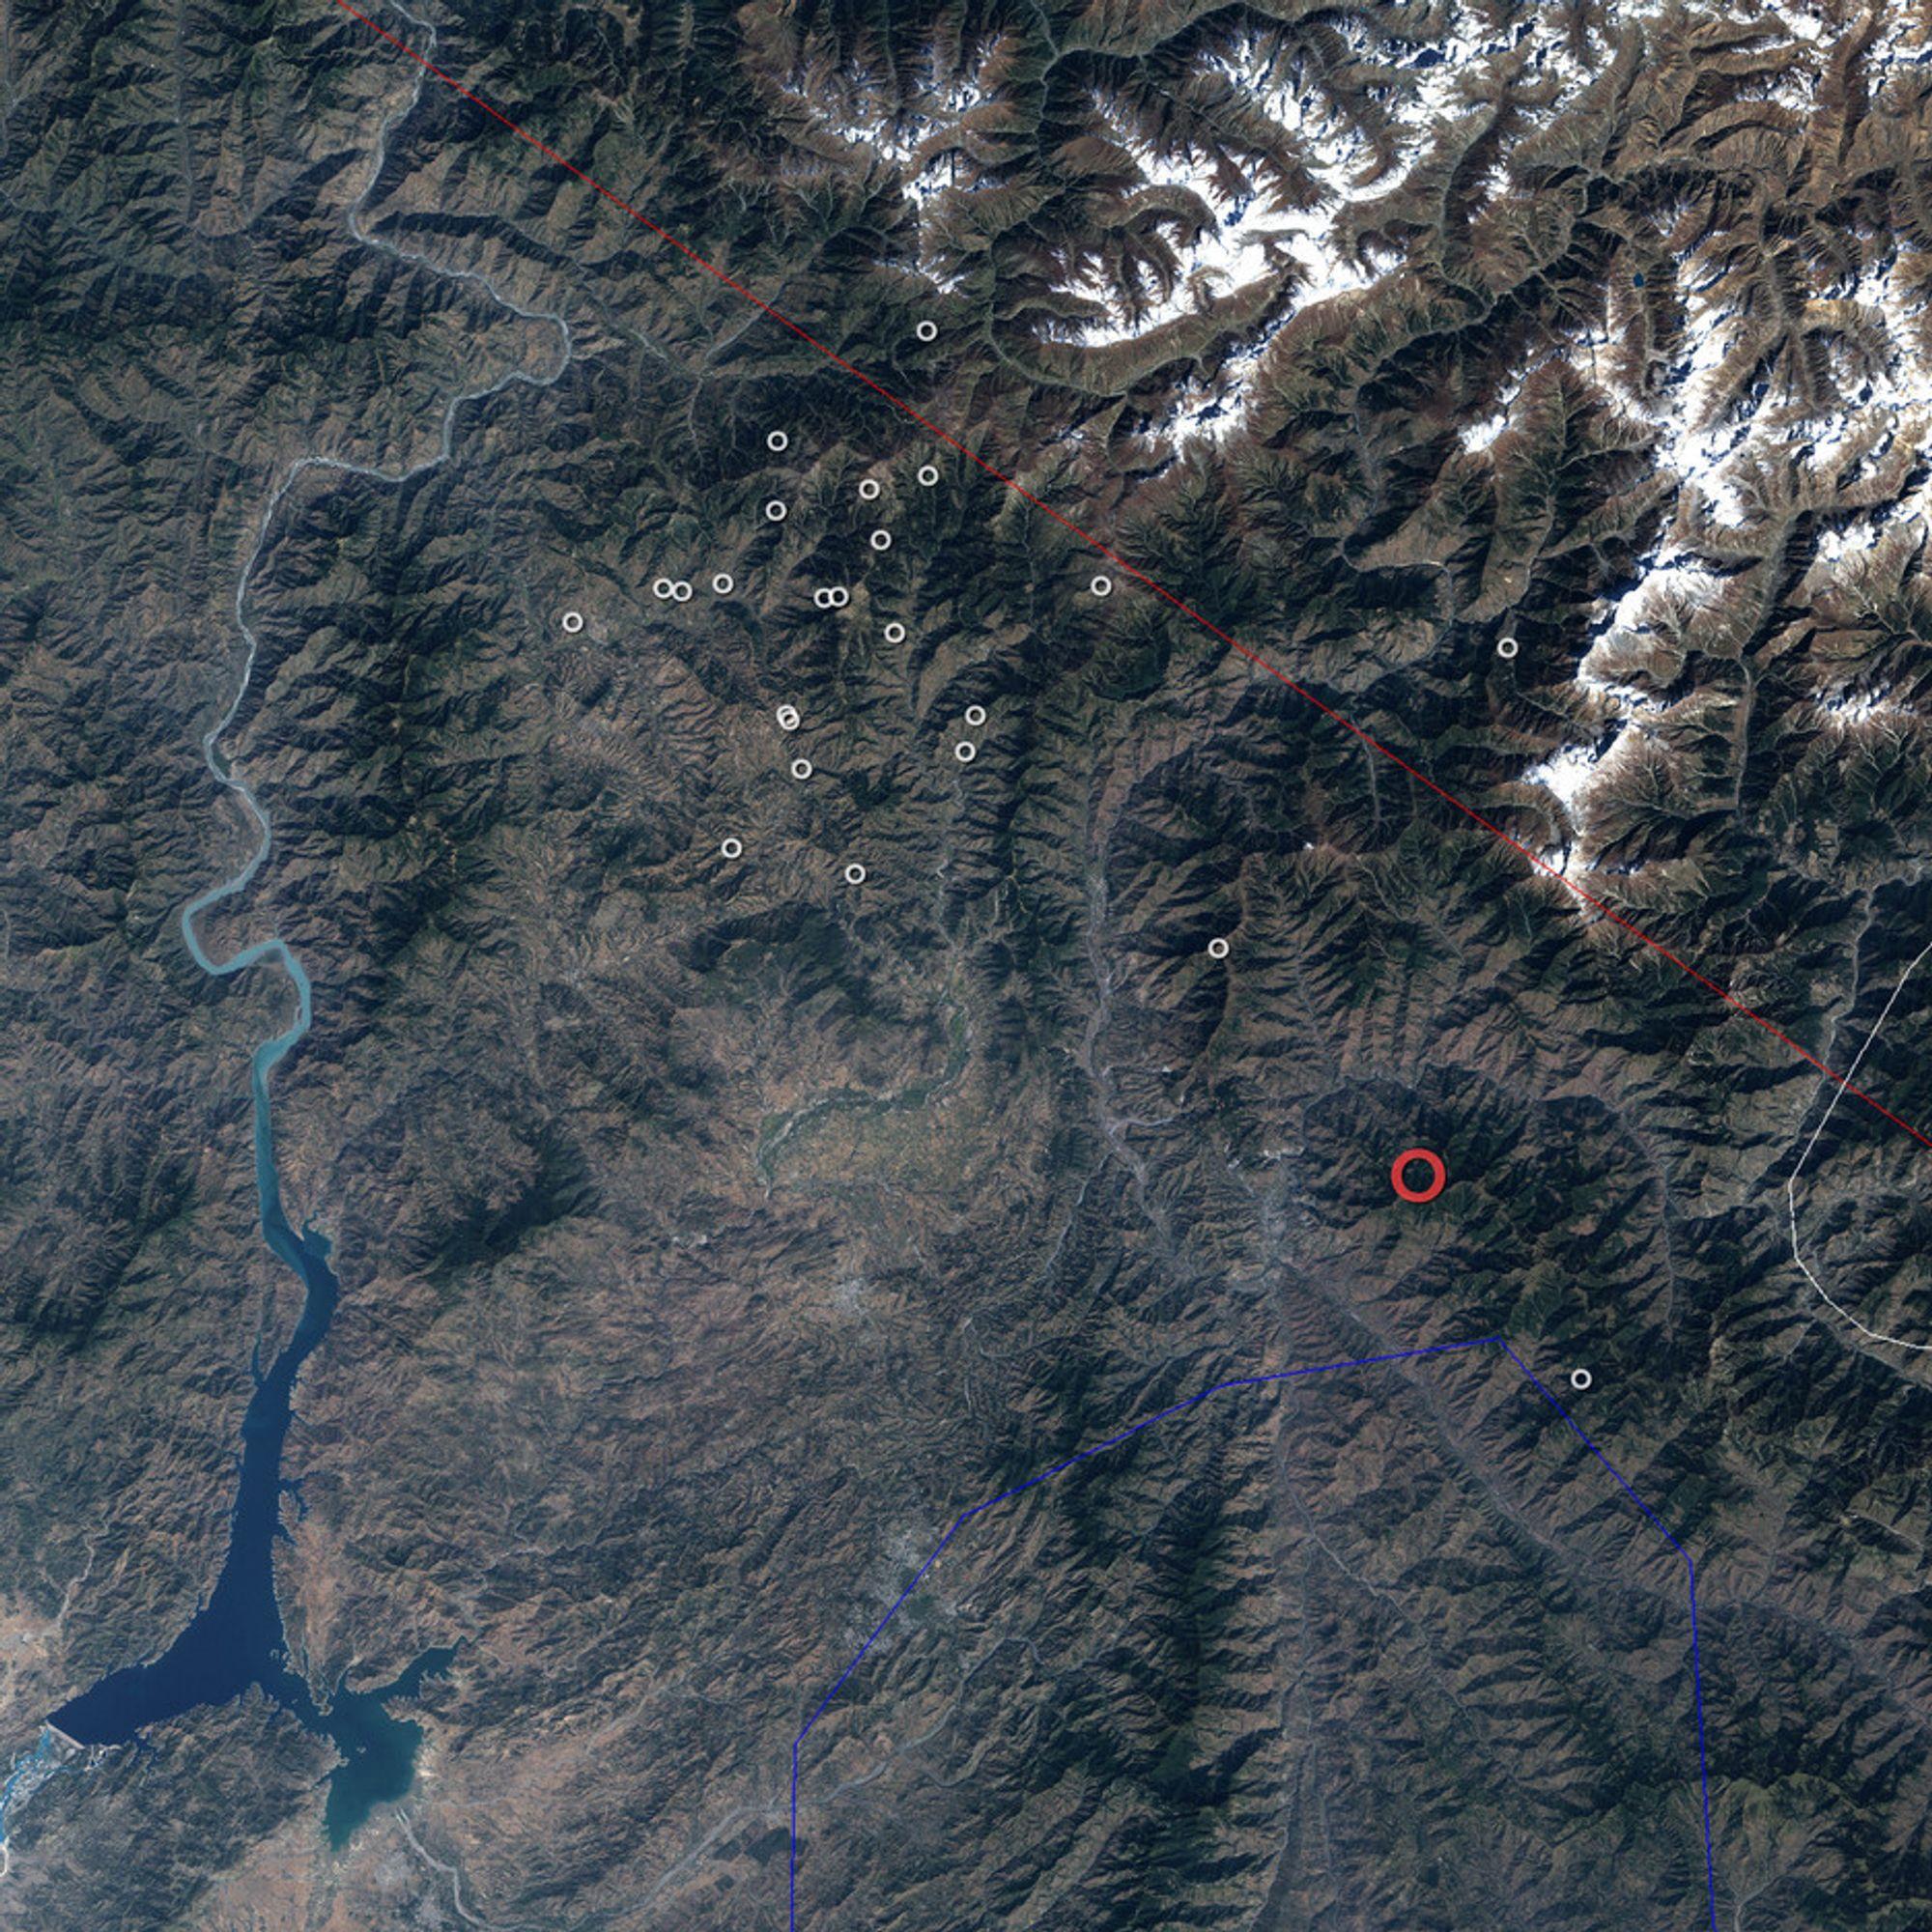 Jorskjelvet som rammet Pakistan, India og Afghanistan 8. oktober hadde sitt episenter der den røde ringen er plassert. Etterskjelven sess som hvite ringer. Grensen mellom Den indiske og asiatiske plate er markert med rød strek.